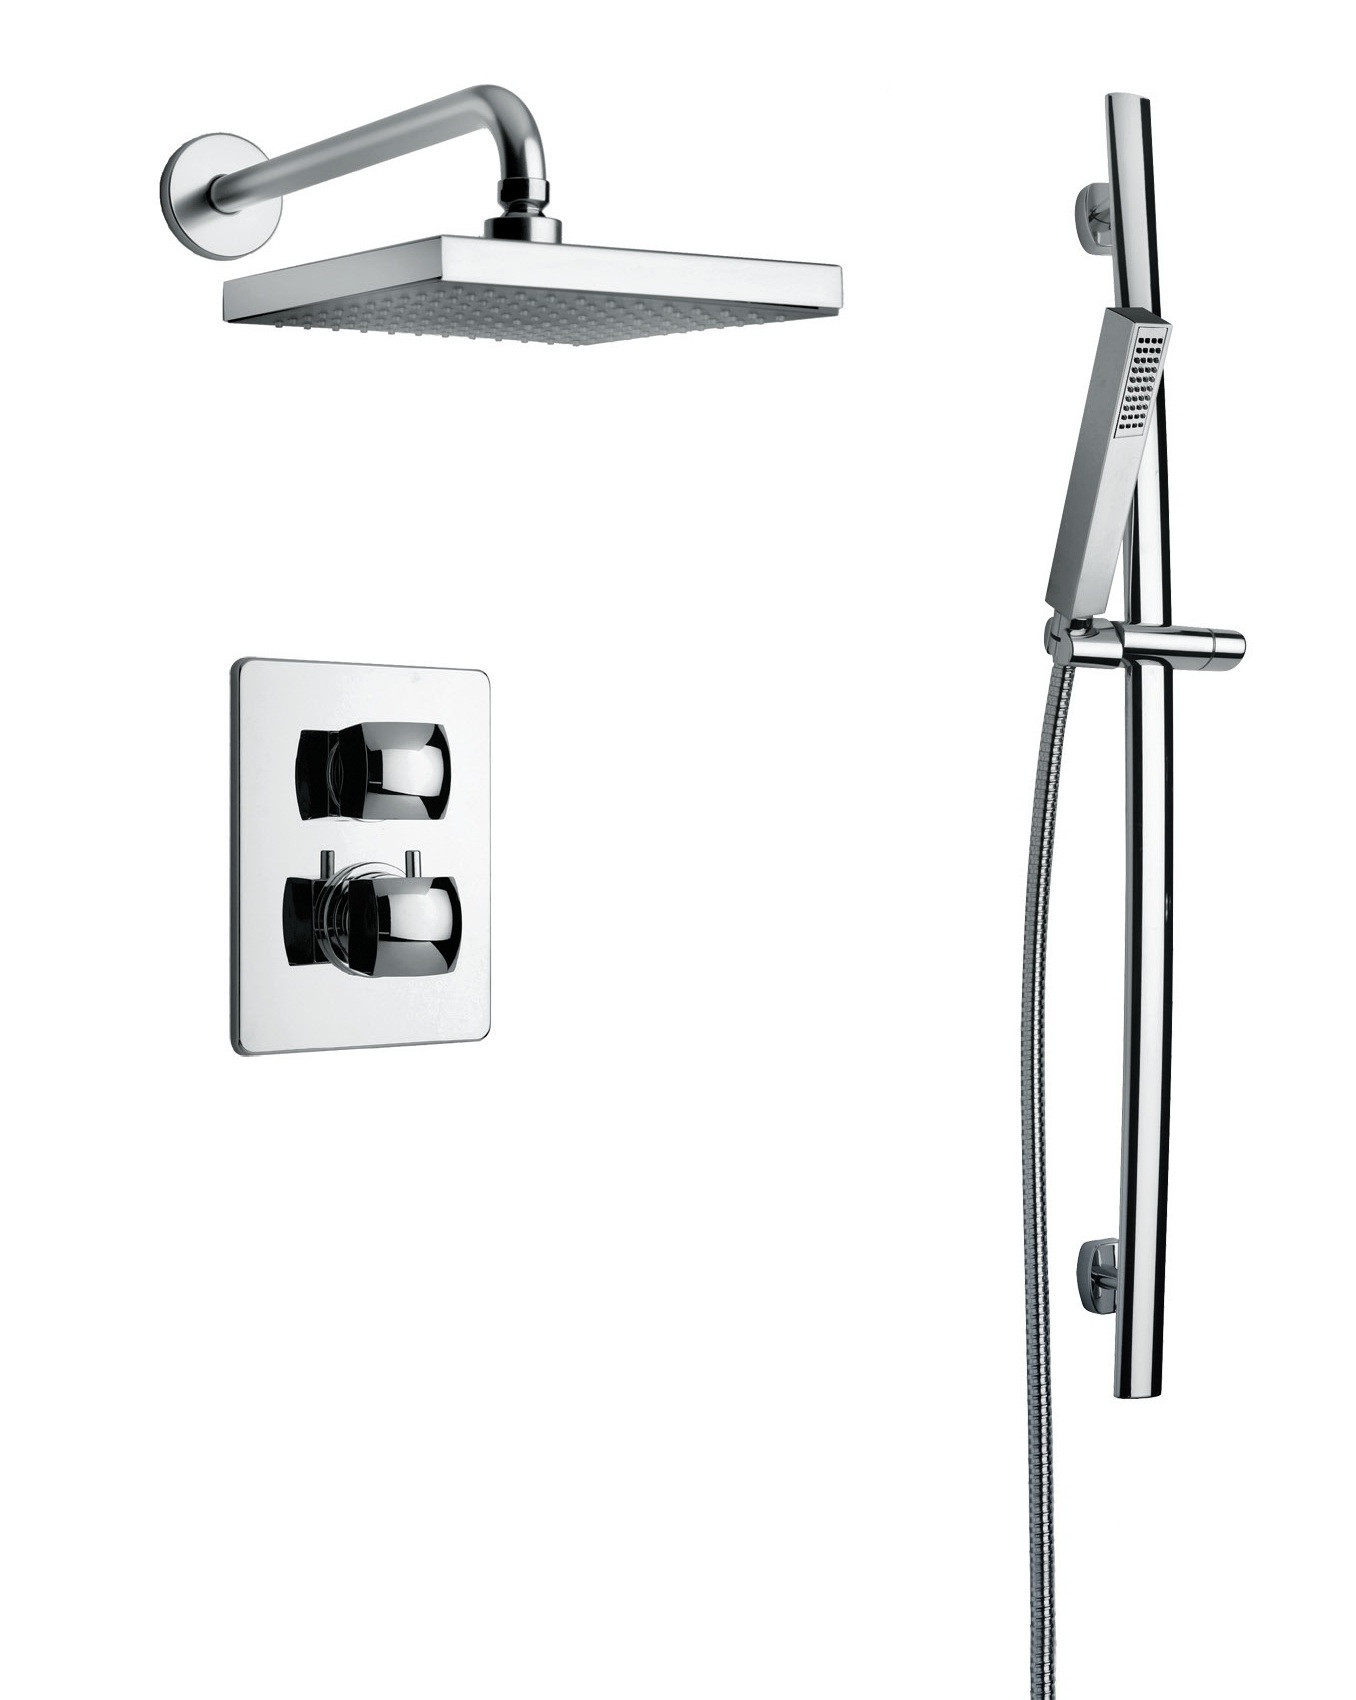 LaToscana Shower Set 89..791 With Valve, Diverter and Slide Bar